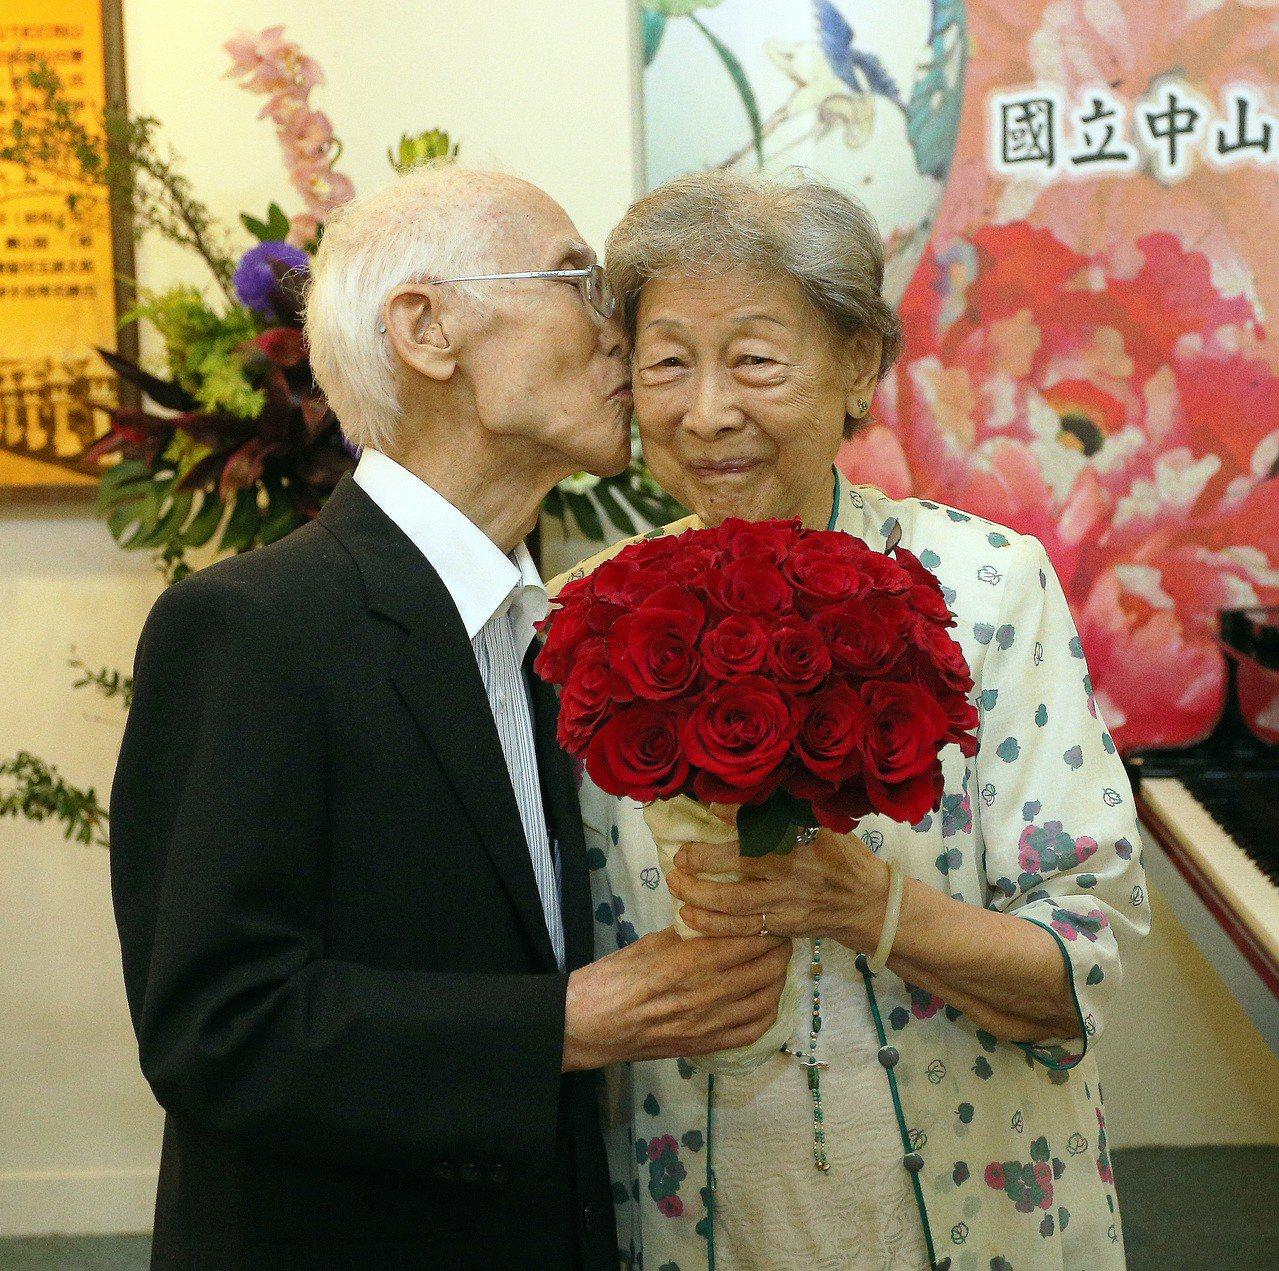 余光中曾送了33朵玫瑰給太太范我存,還深情地送上一吻。 本報資料照片